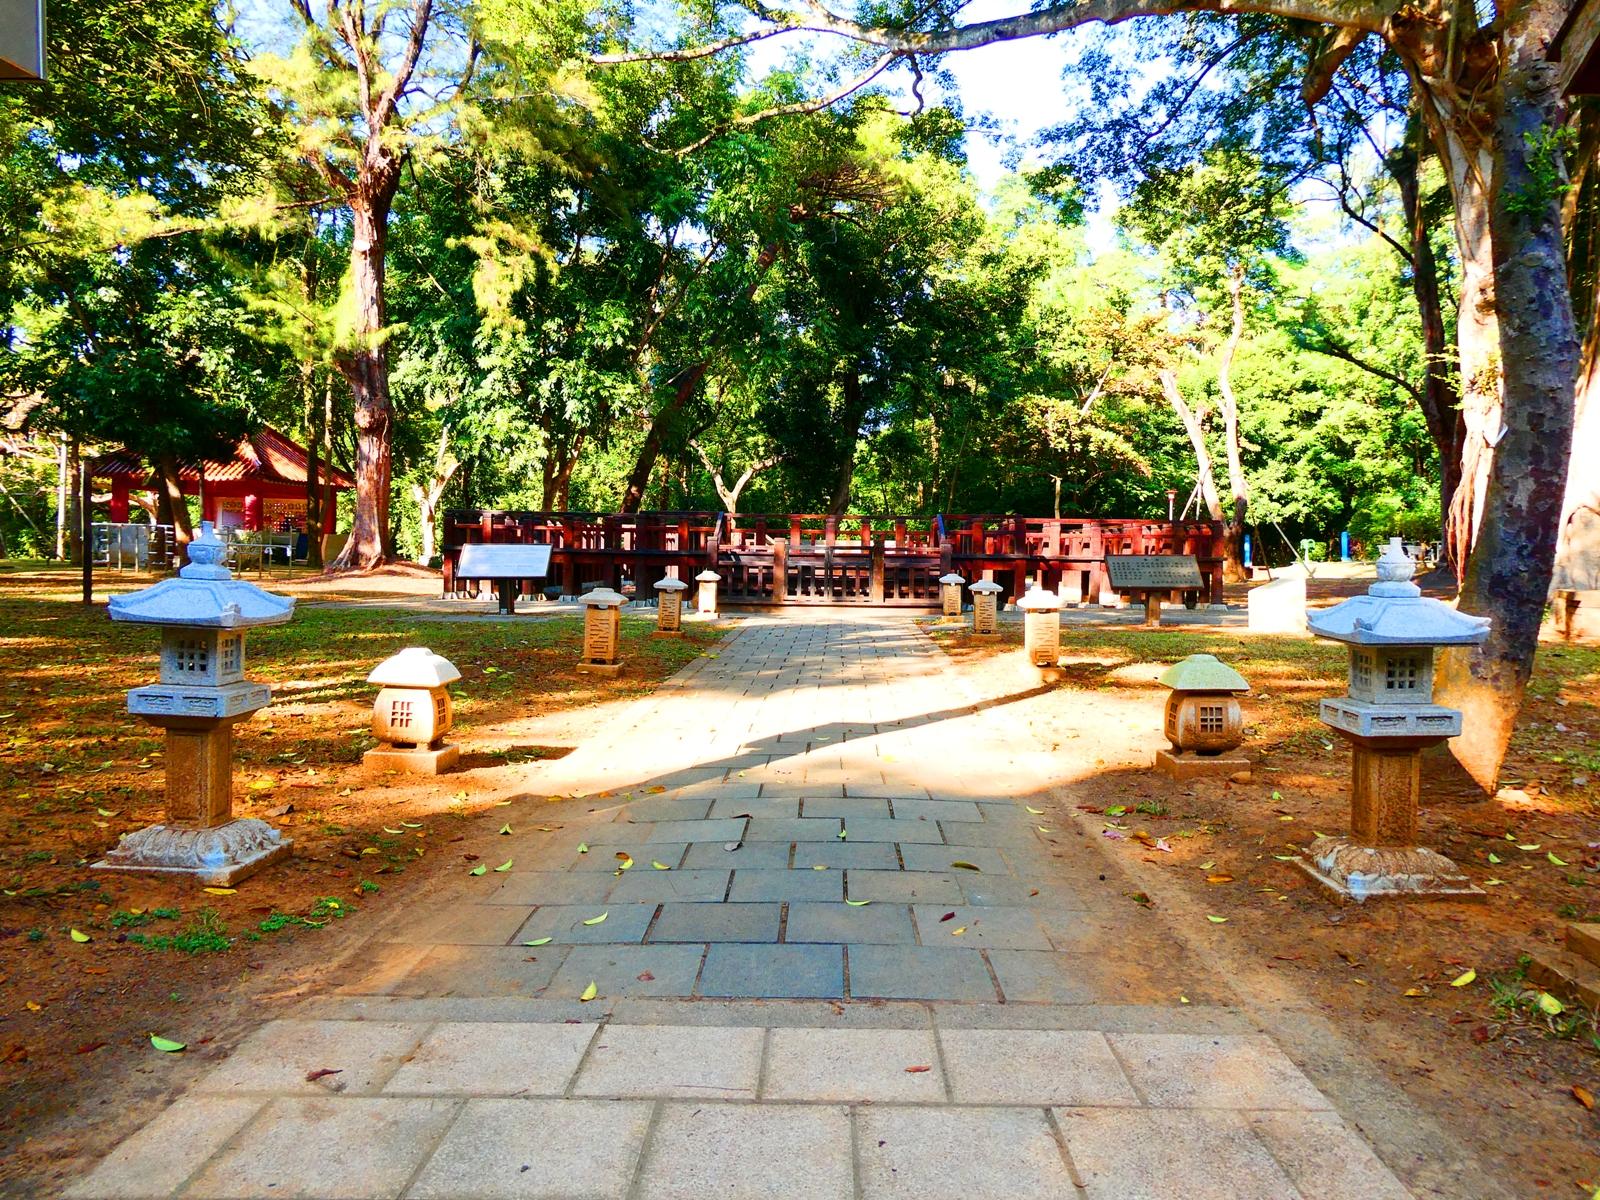 第一代嘉義神社遺跡   石參道   石燈籠   保存良好   日本黑松   嘉義公園   RoundtripJp